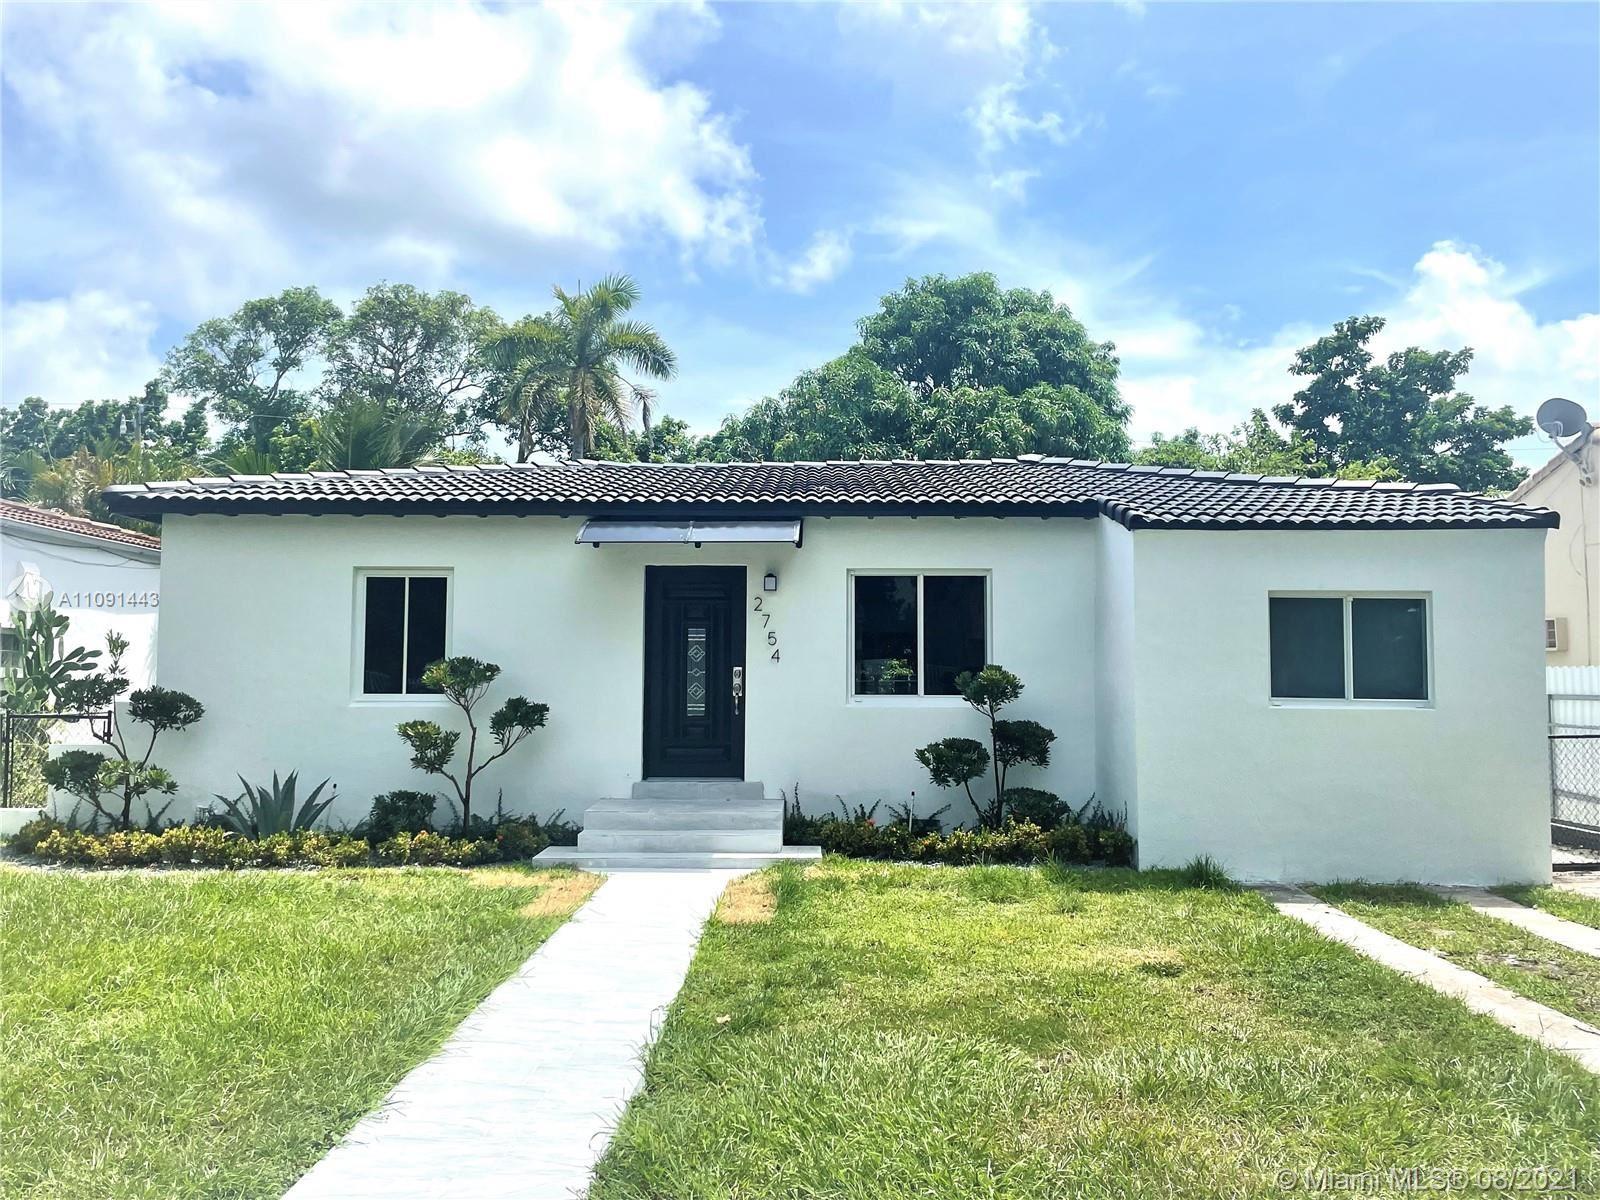 2754 SW 12th St, Miami, FL 33135 - #: A11091443